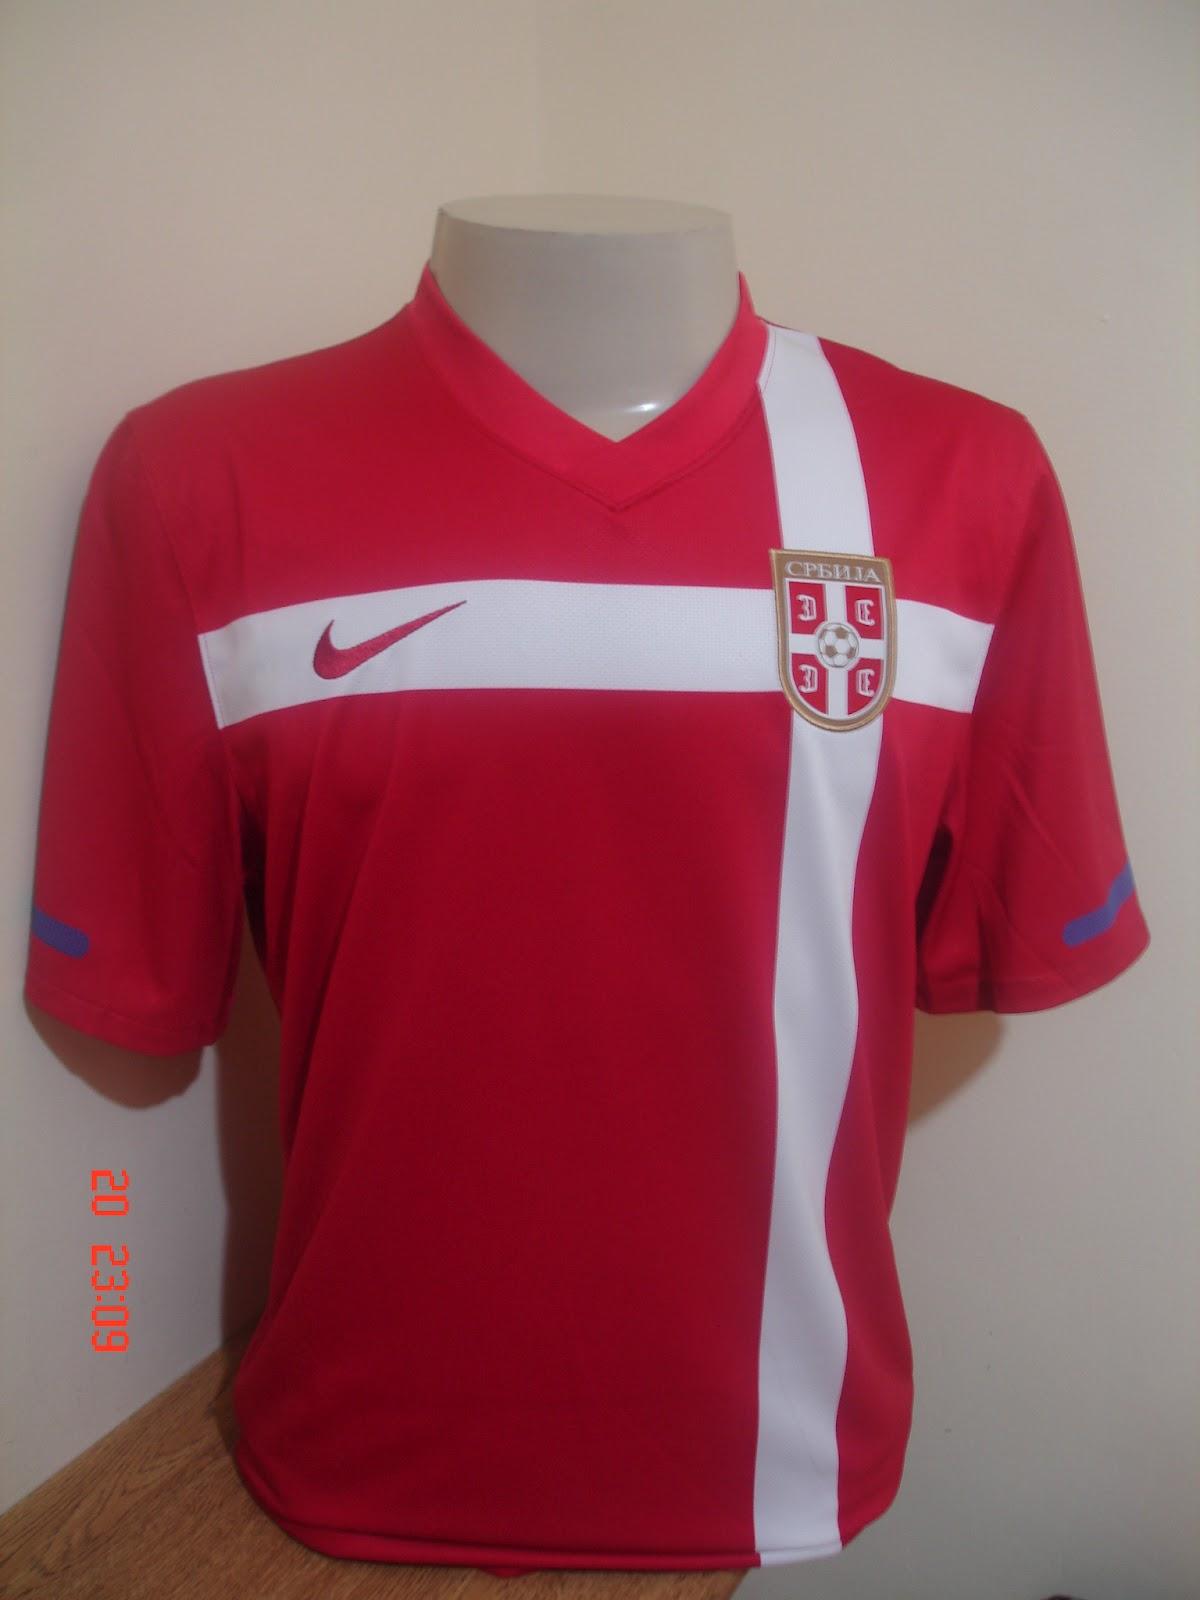 441155064 Dia 18 09 2012. Uma das camisas mais bonitas para mim é a da Alemanha na  copa de 2010. Ela é toda preta e é mais bonita do que a camisa verde de 2012